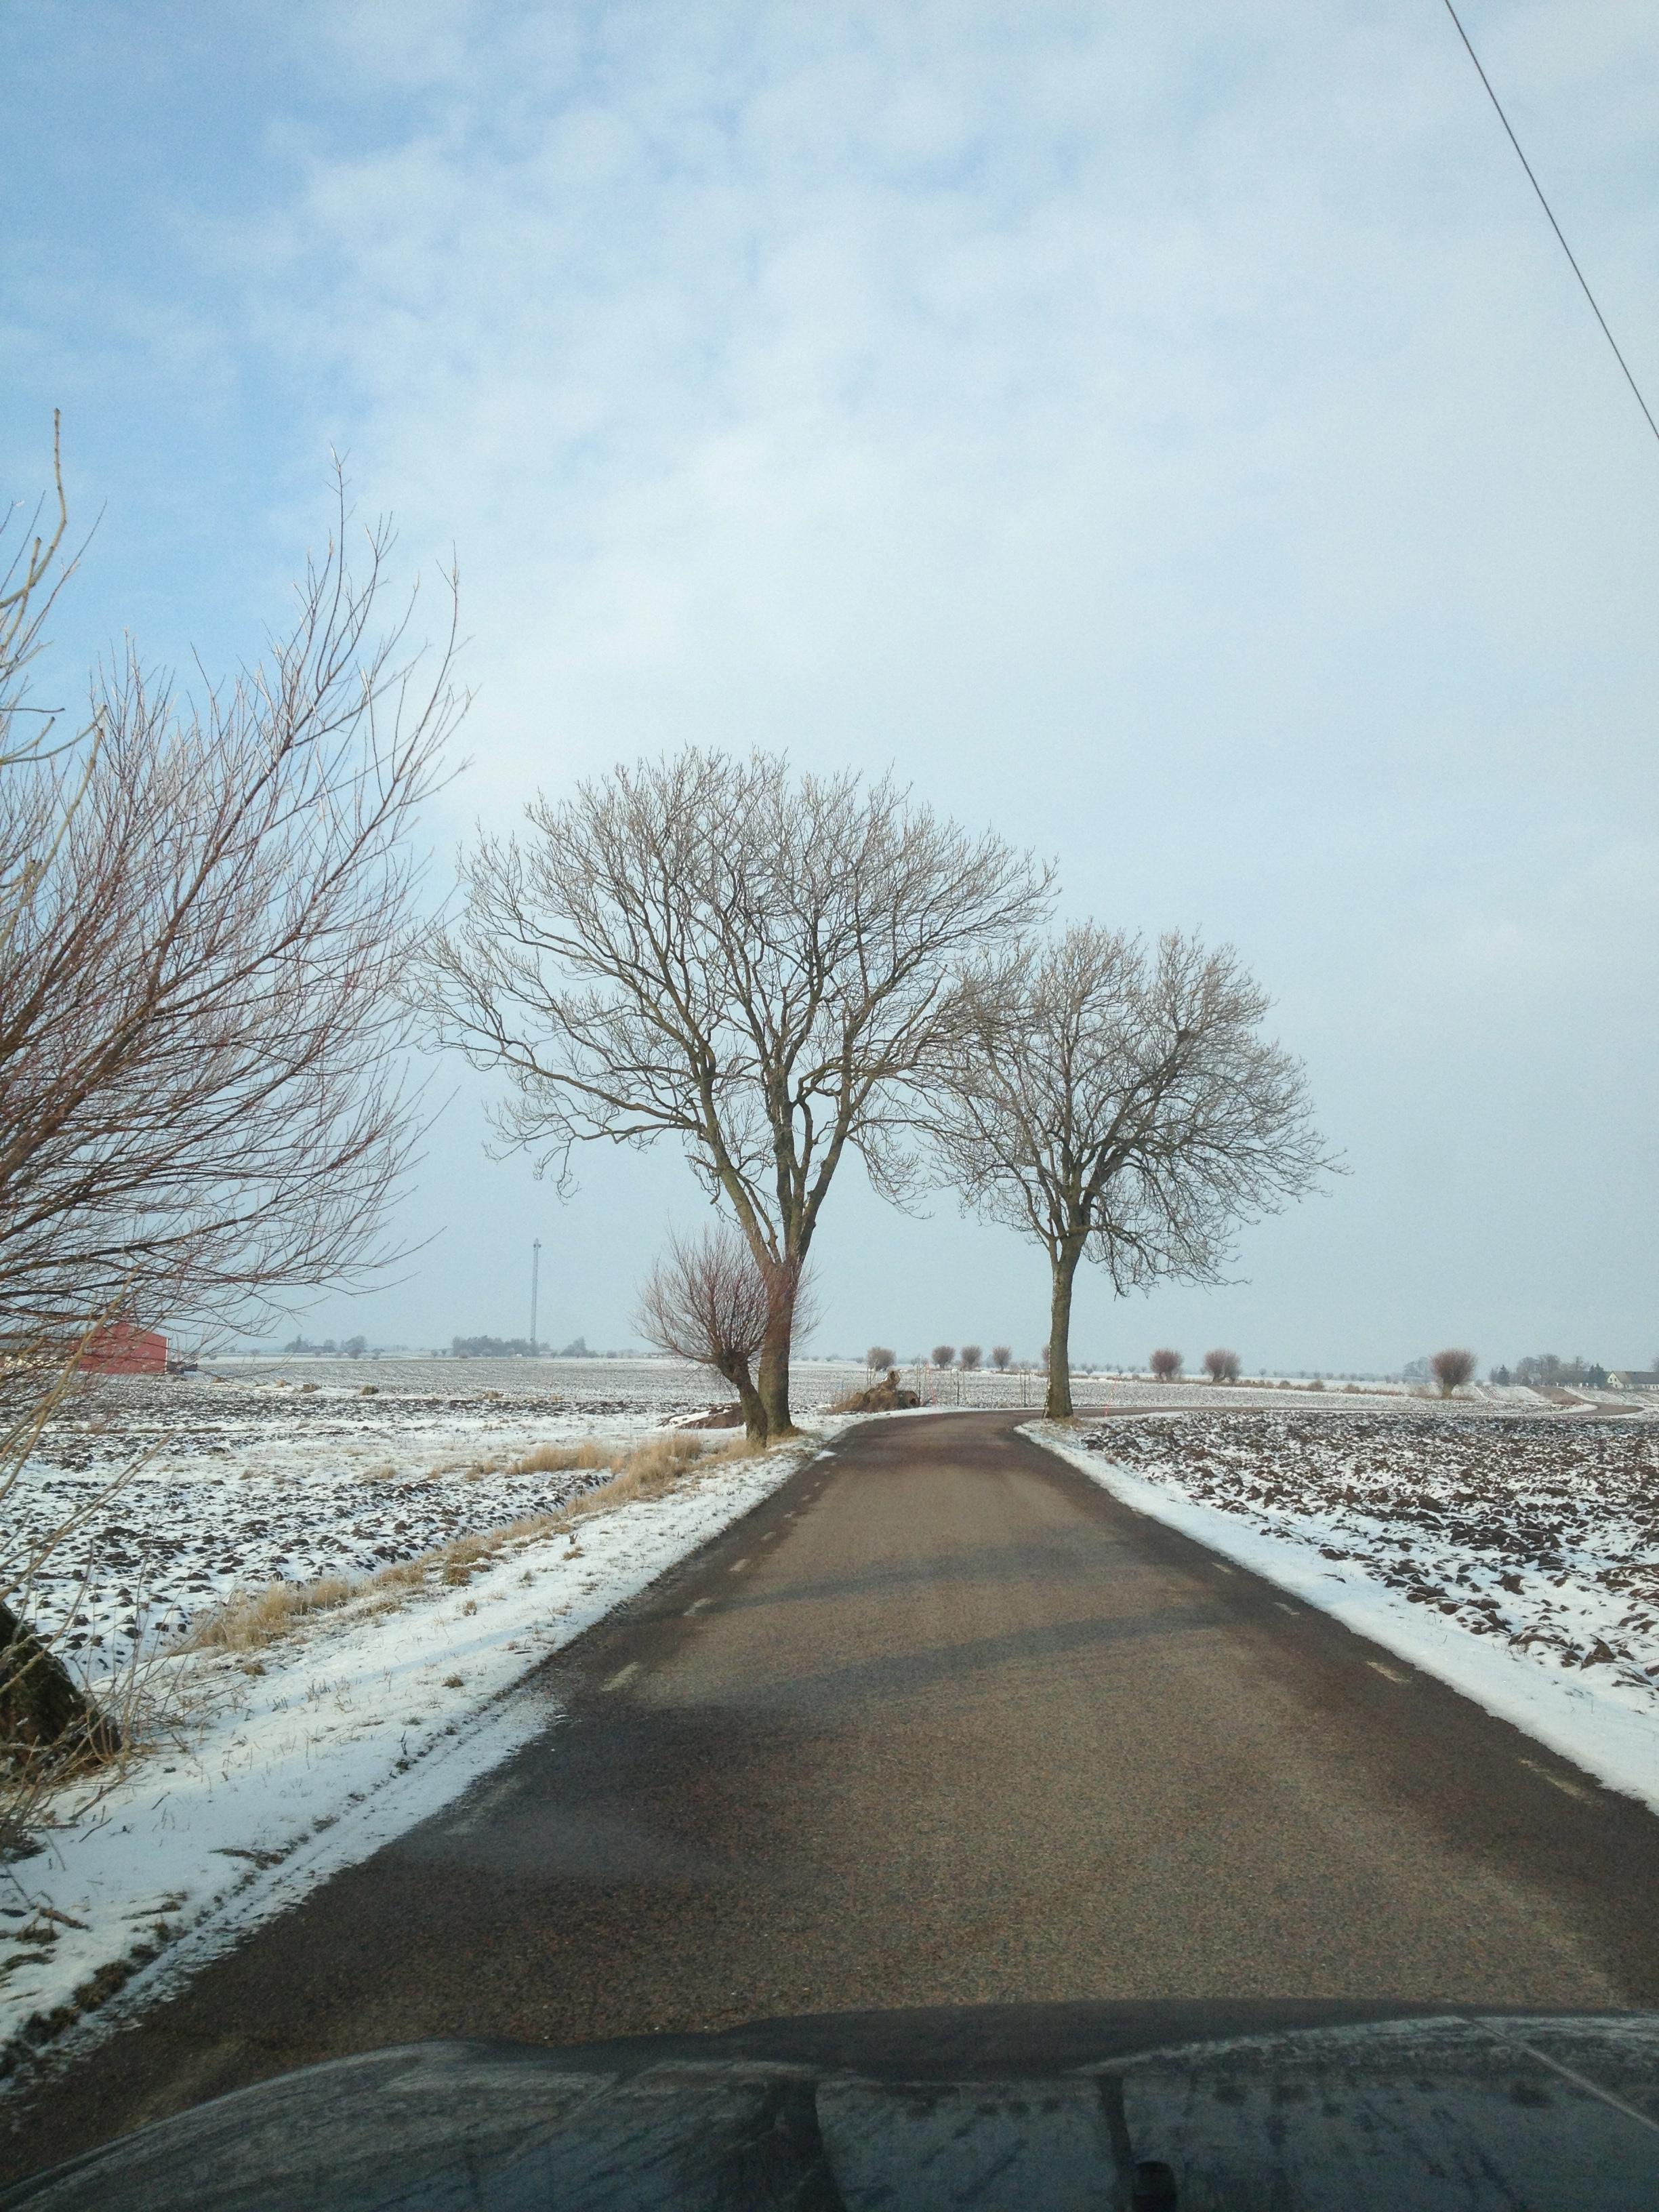 Fond D Ecran Paysage Neige Hiver Route La Glace Matin